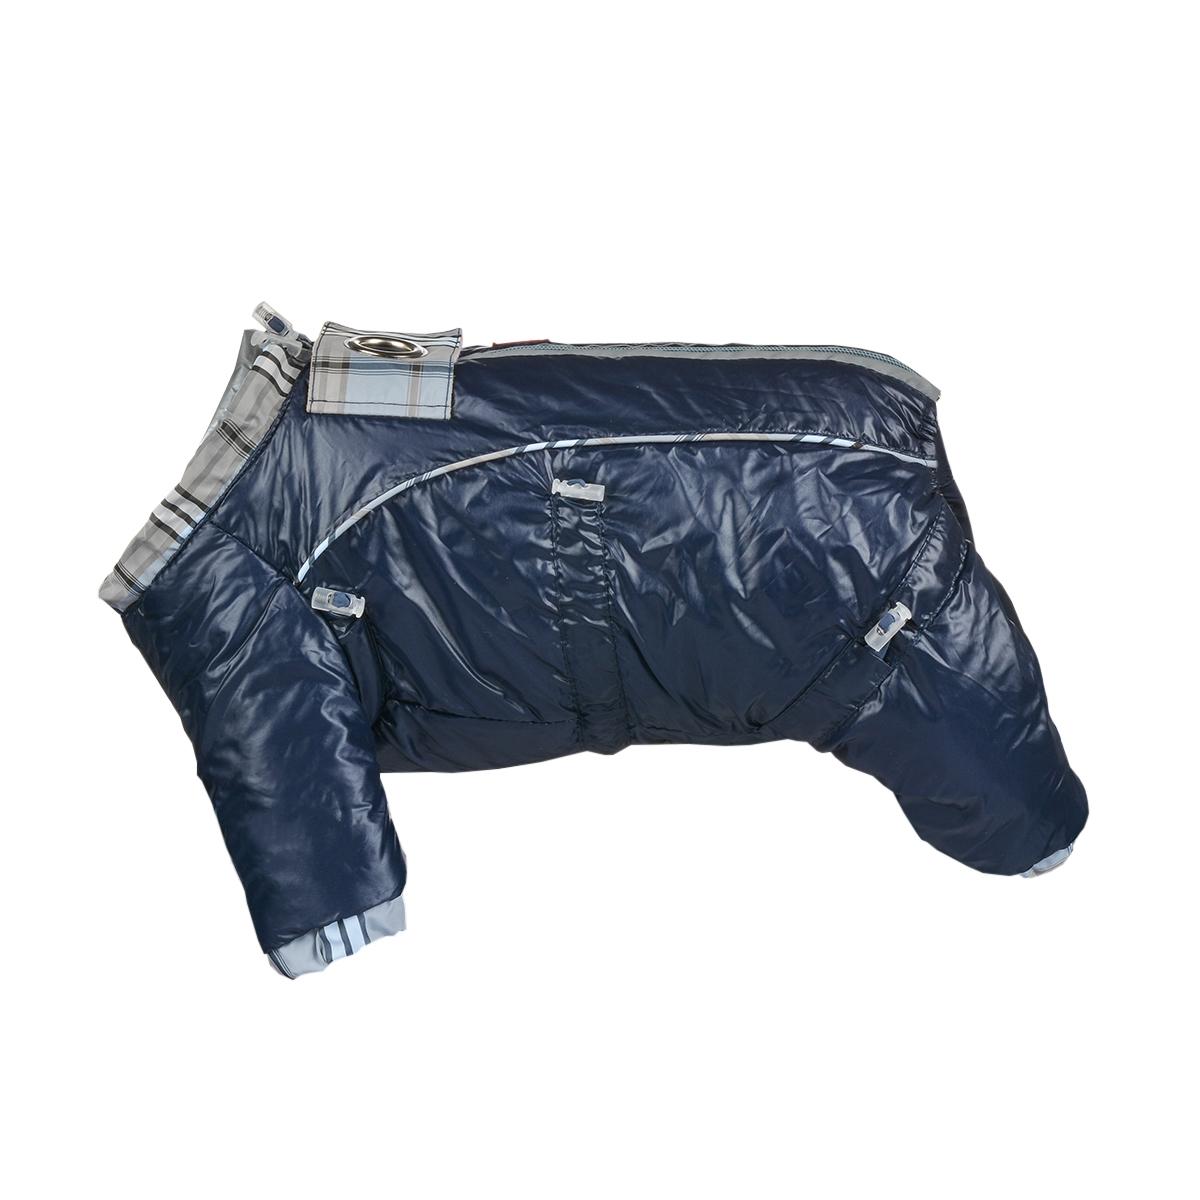 Комбинезон для собак Dogmoda Doggs, зимний, для мальчика, цвет: темно-синий. Размер LDM-140536Комбинезон для собак Dogmoda Doggs отлично подойдет для прогулок в зимнее время года.Комбинезон изготовлен из полиэстера, защищающего от ветра и снега, с утеплителем из синтепона, который сохранит тепло даже в сильные морозы, а на подкладке используется искусственный мех, который обеспечивает отличный воздухообмен. Комбинезон застегивается на молнию и липучку, благодаря чему его легко надевать и снимать. Молния снабжена светоотражающими элементами. Низ рукавов и брючин оснащен внутренними резинками, которые мягко обхватывают лапки, не позволяя просачиваться холодному воздуху. На вороте, пояснице и лапках комбинезон затягивается на шнурок-кулиску с затяжкой. Модель снабжена непромокаемым карманом для размещения записки с информацией о вашем питомце, на случай если он потеряется.Благодаря такому комбинезону простуда не грозит вашему питомцу и он не даст любимцу продрогнуть на прогулке.